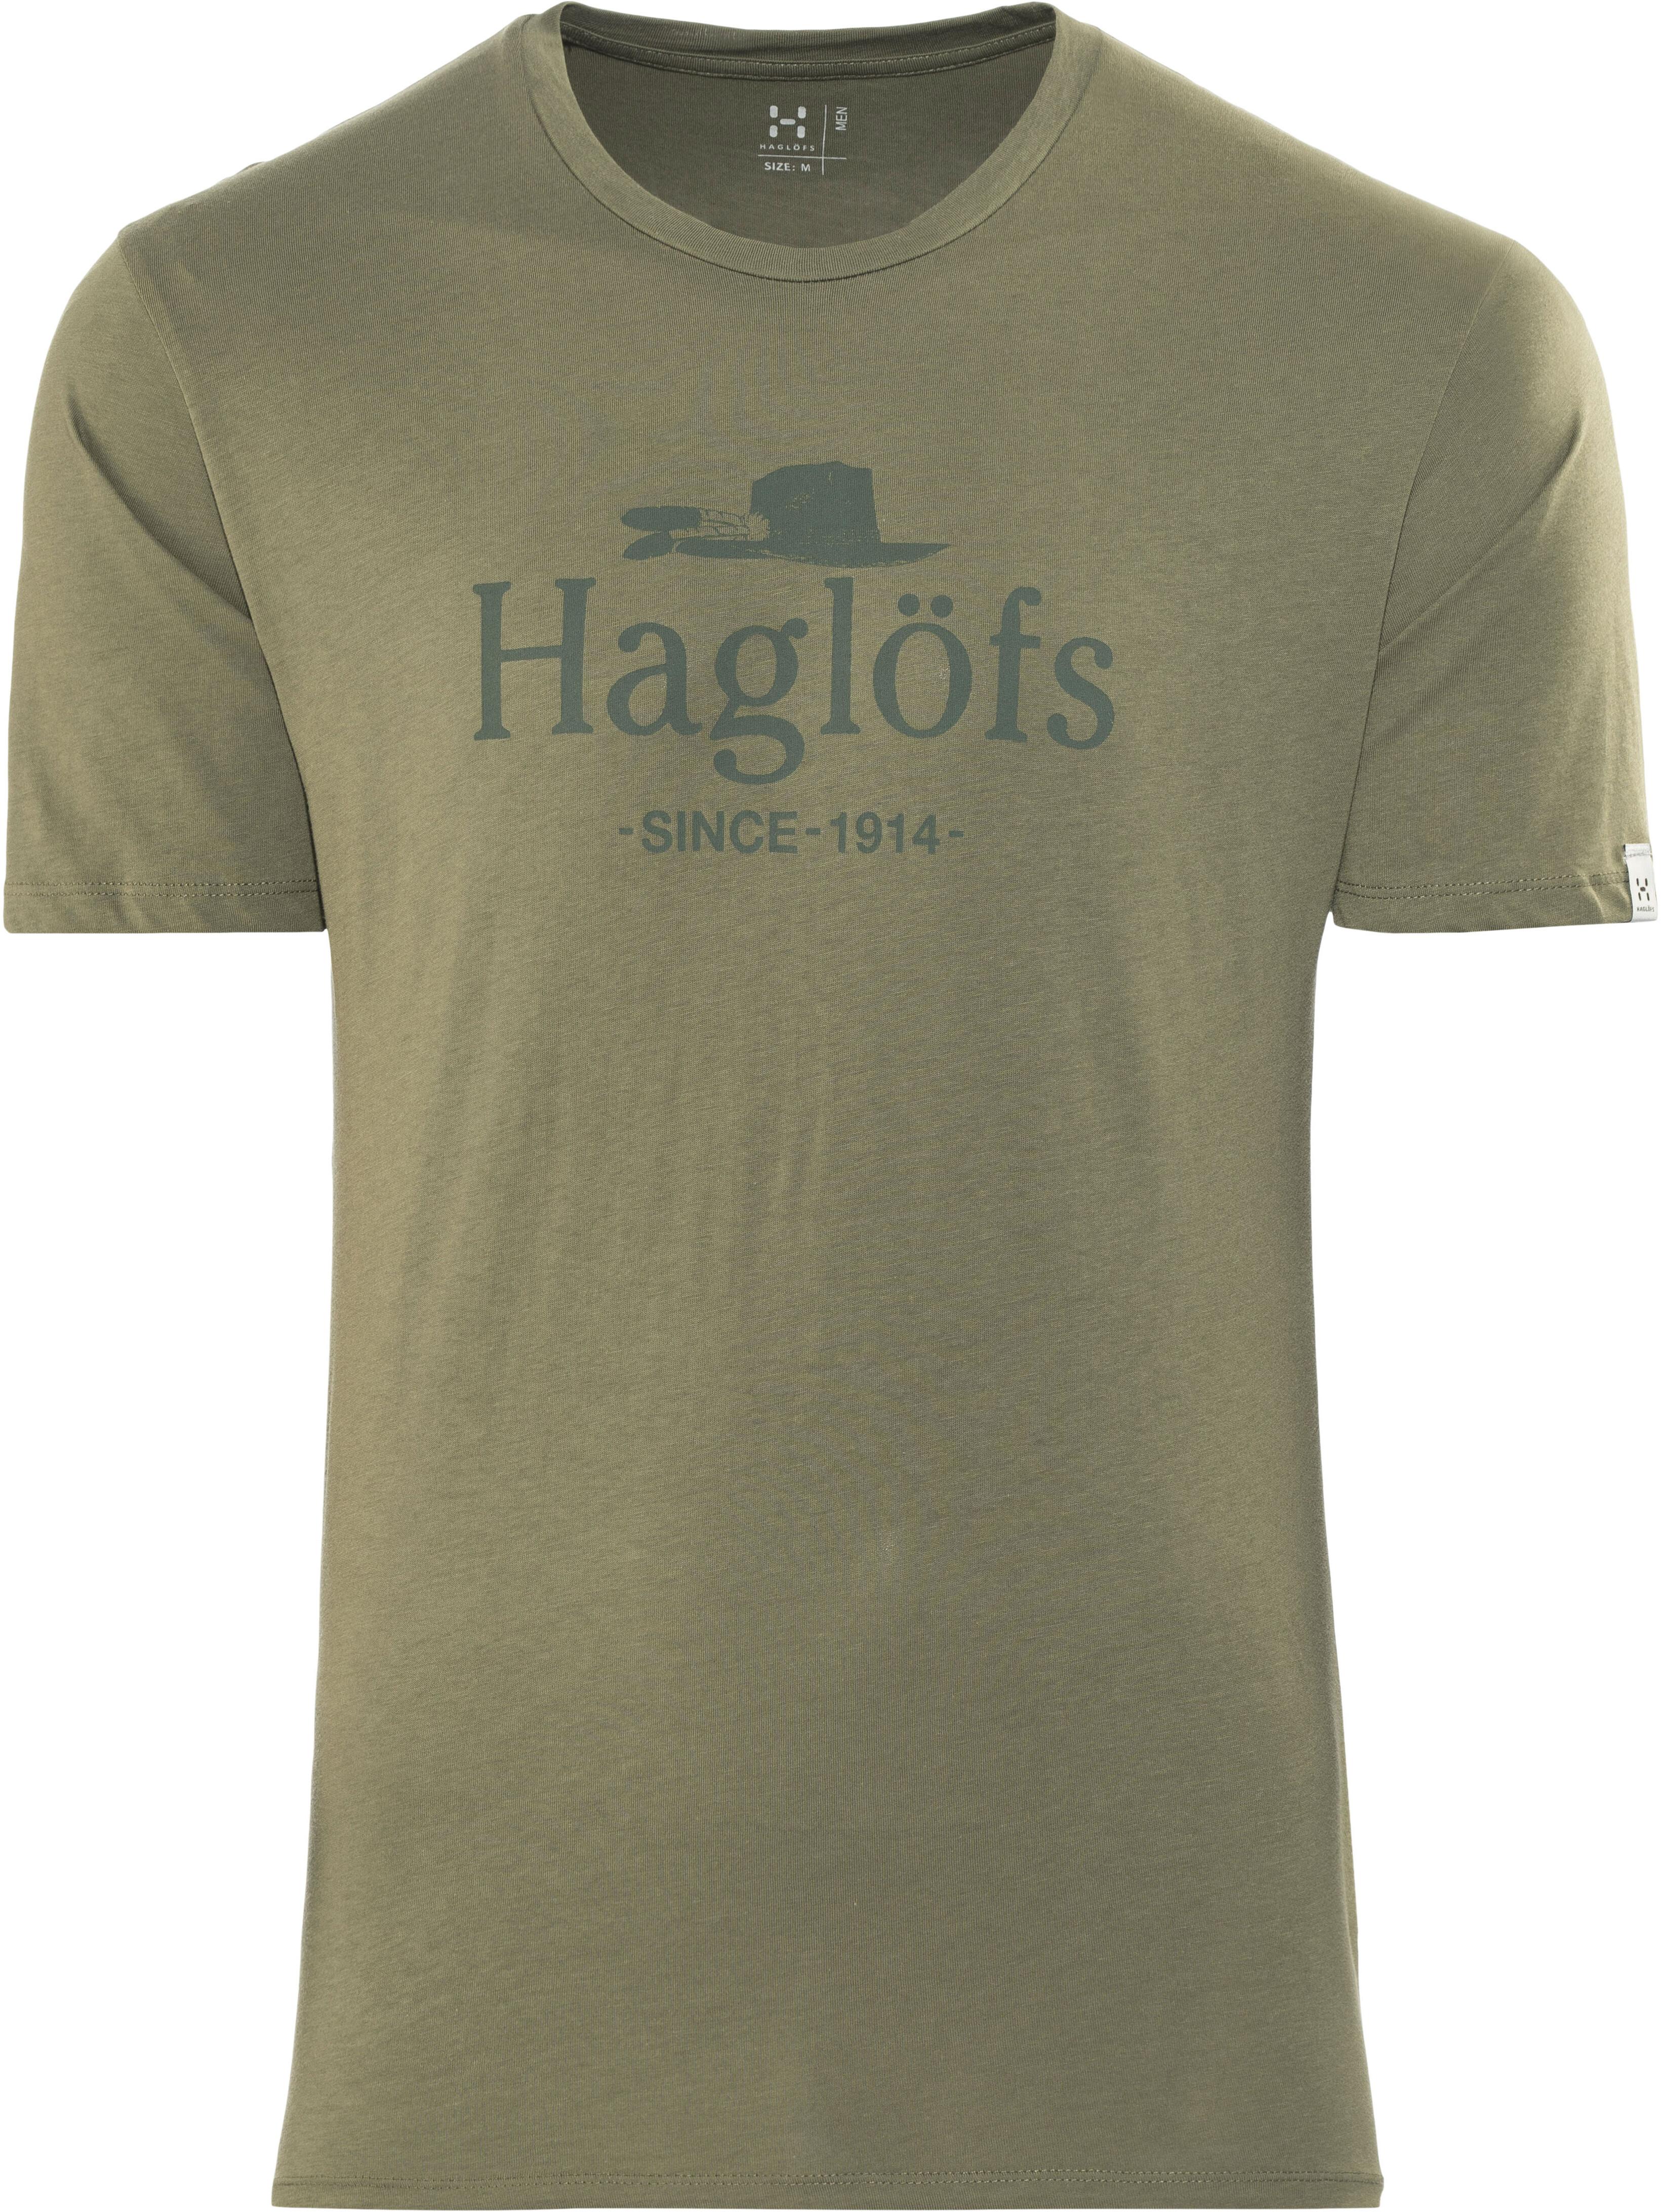 06f3410695a3f Haglöfs Camp Bluzka z krótkim rękawem Mężczyźni beżowy   Sklep ...